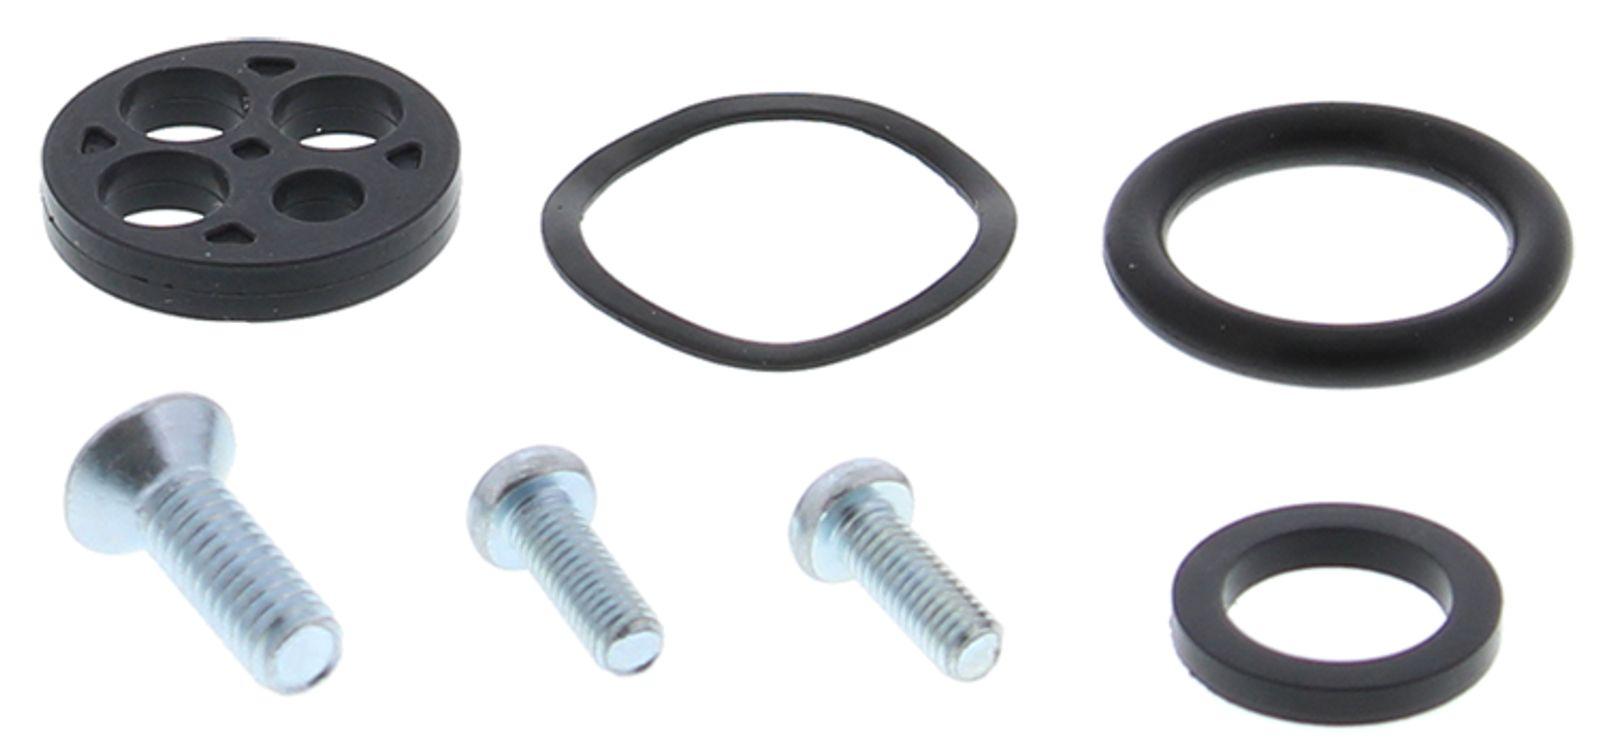 Wrp Fuel Tap Repair Kits - WRP601009 image